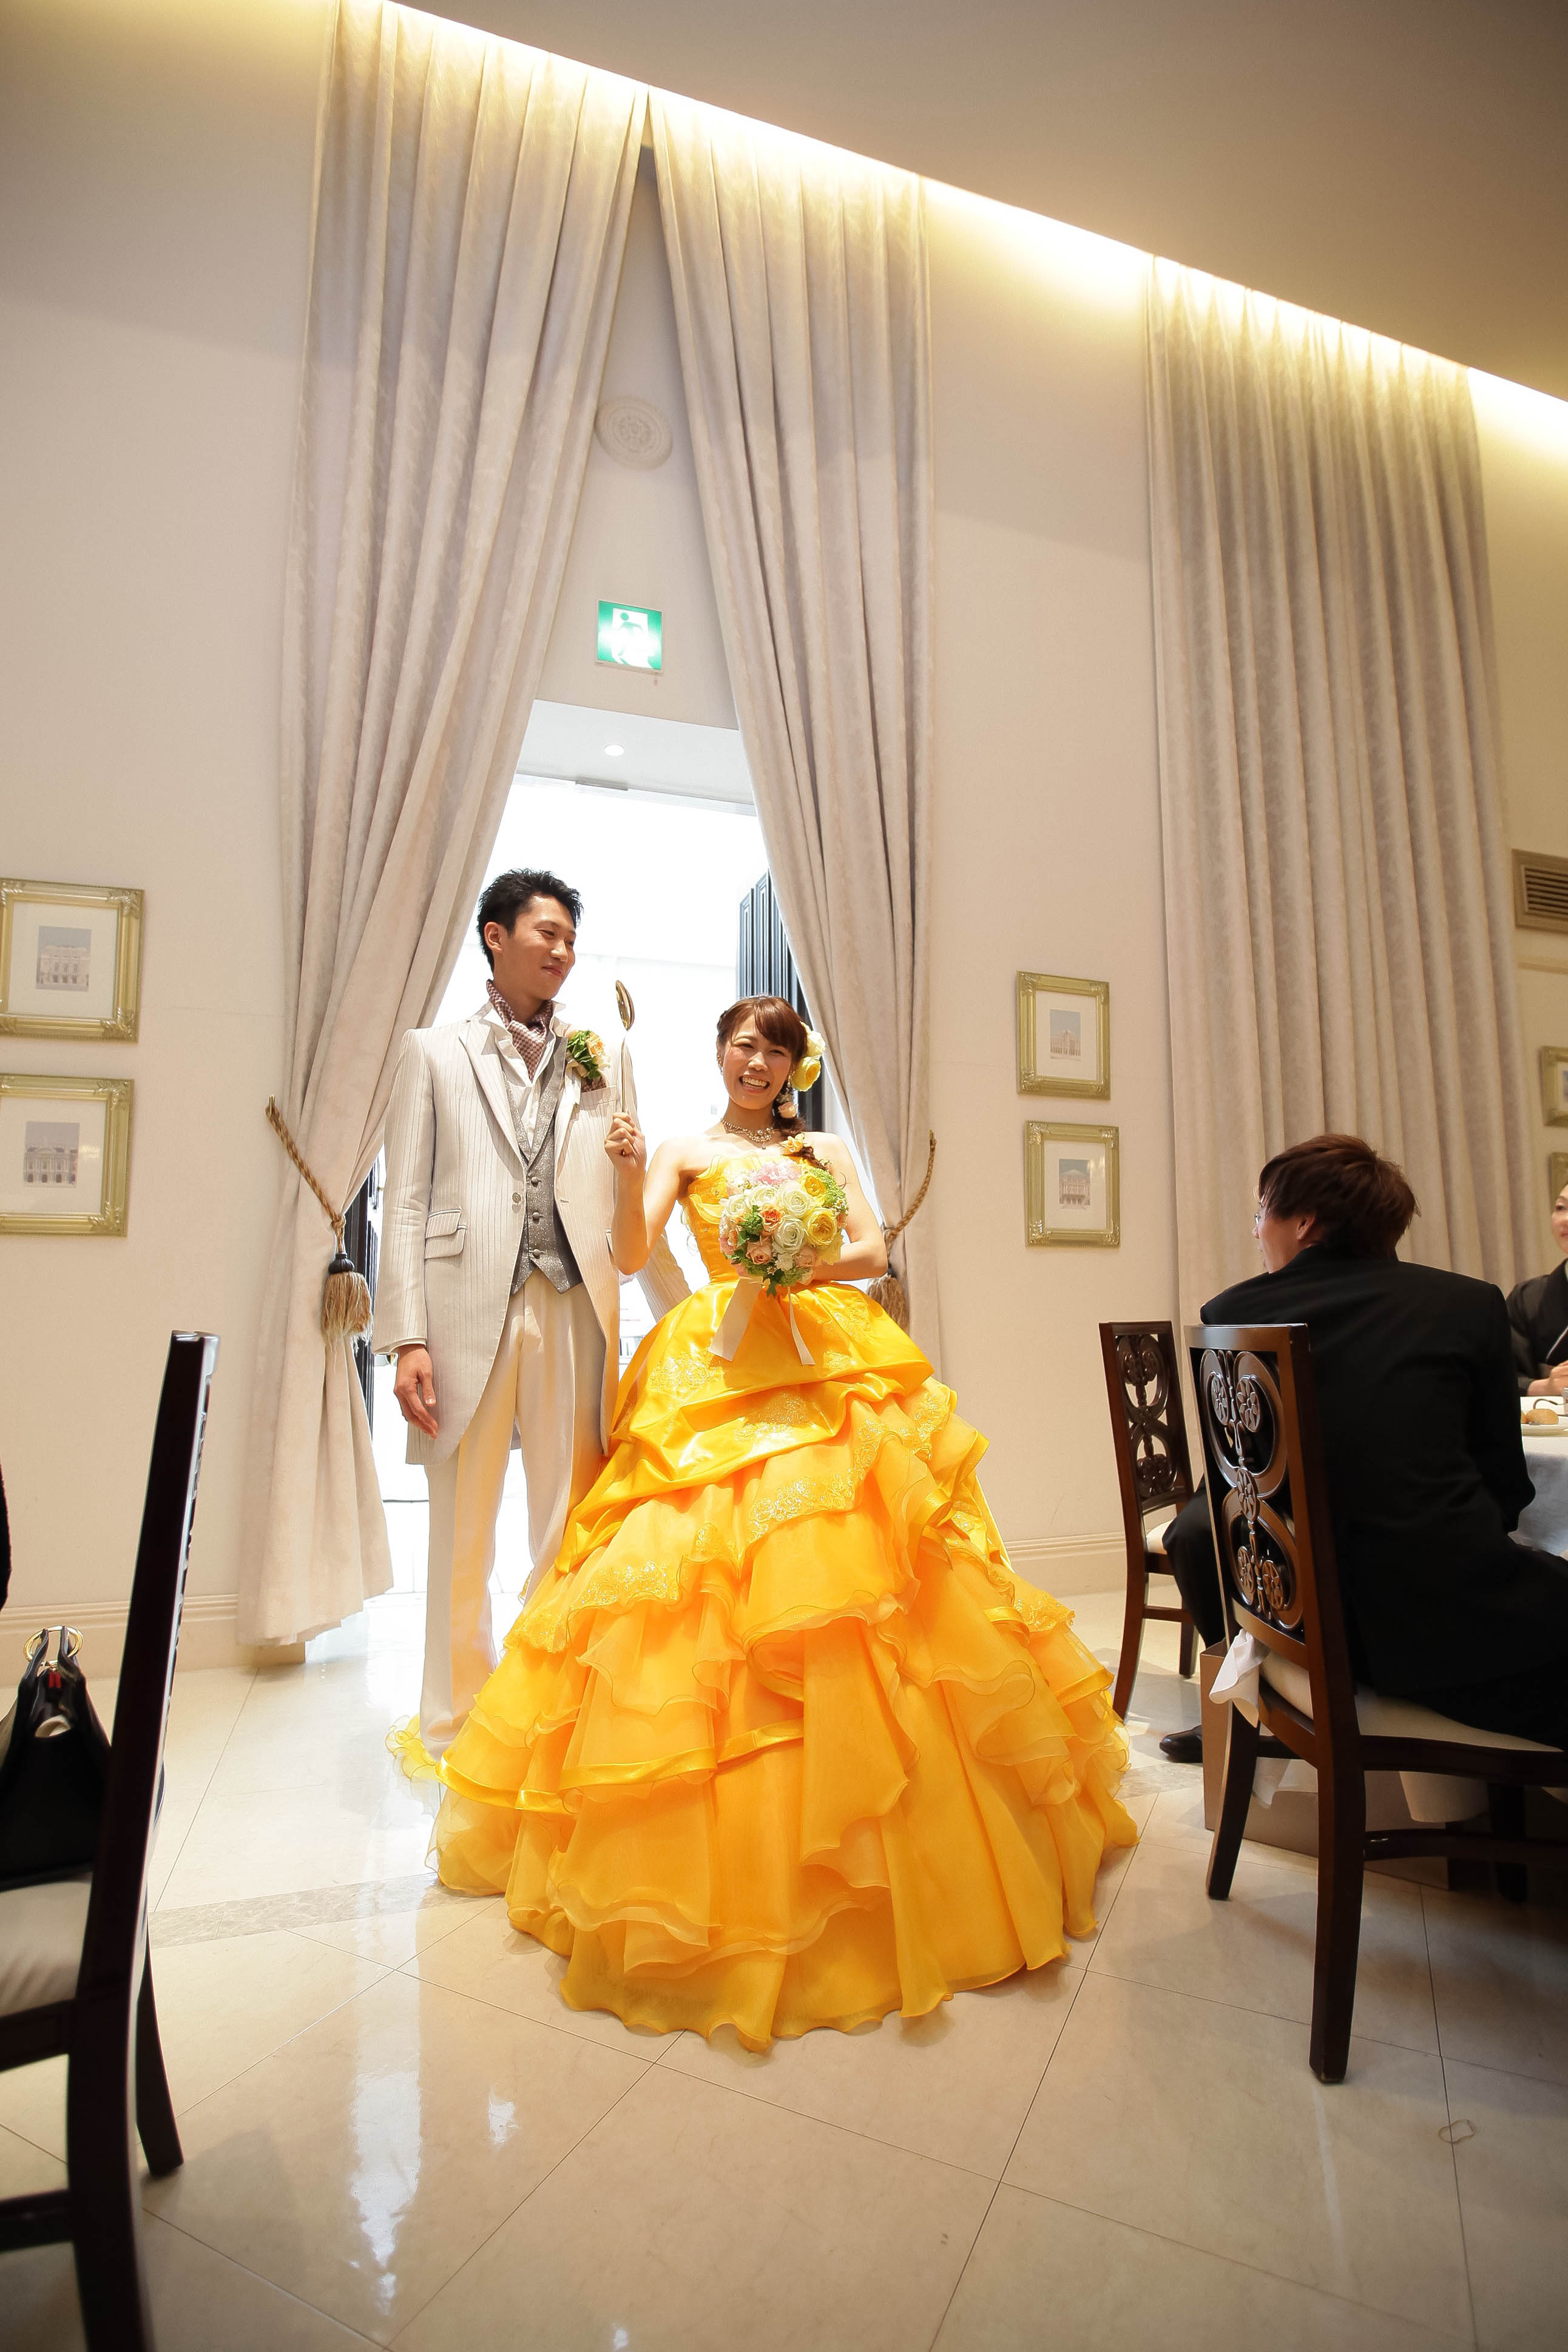 カラードレスは向日葵のような黄色のドレス